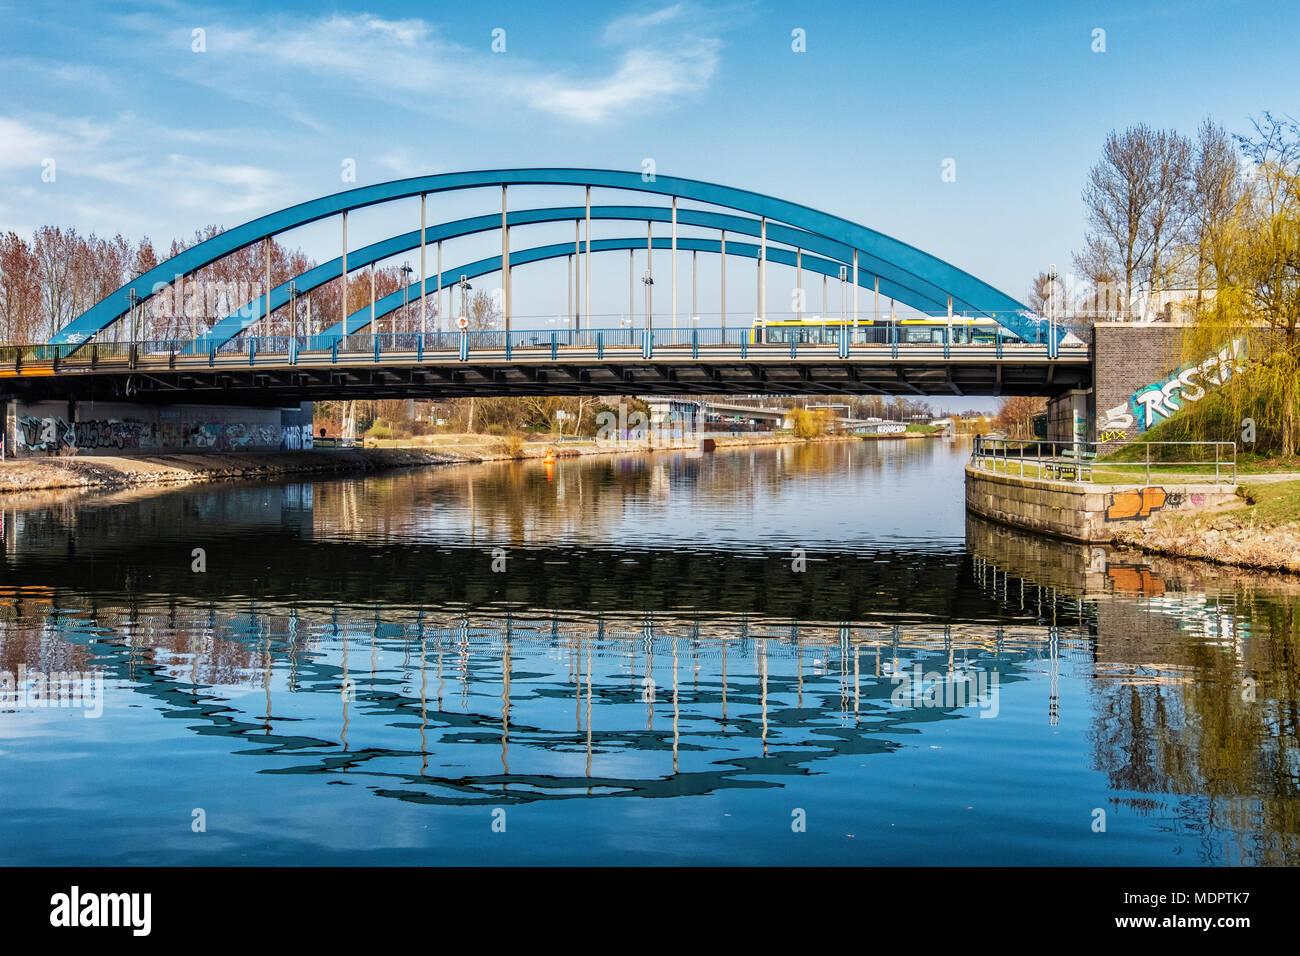 Berlin Charlottenburg-Wilmersdorf. Mörschbrücke. steel tied-arch road bridge over the Westhafen canal - Stock Image